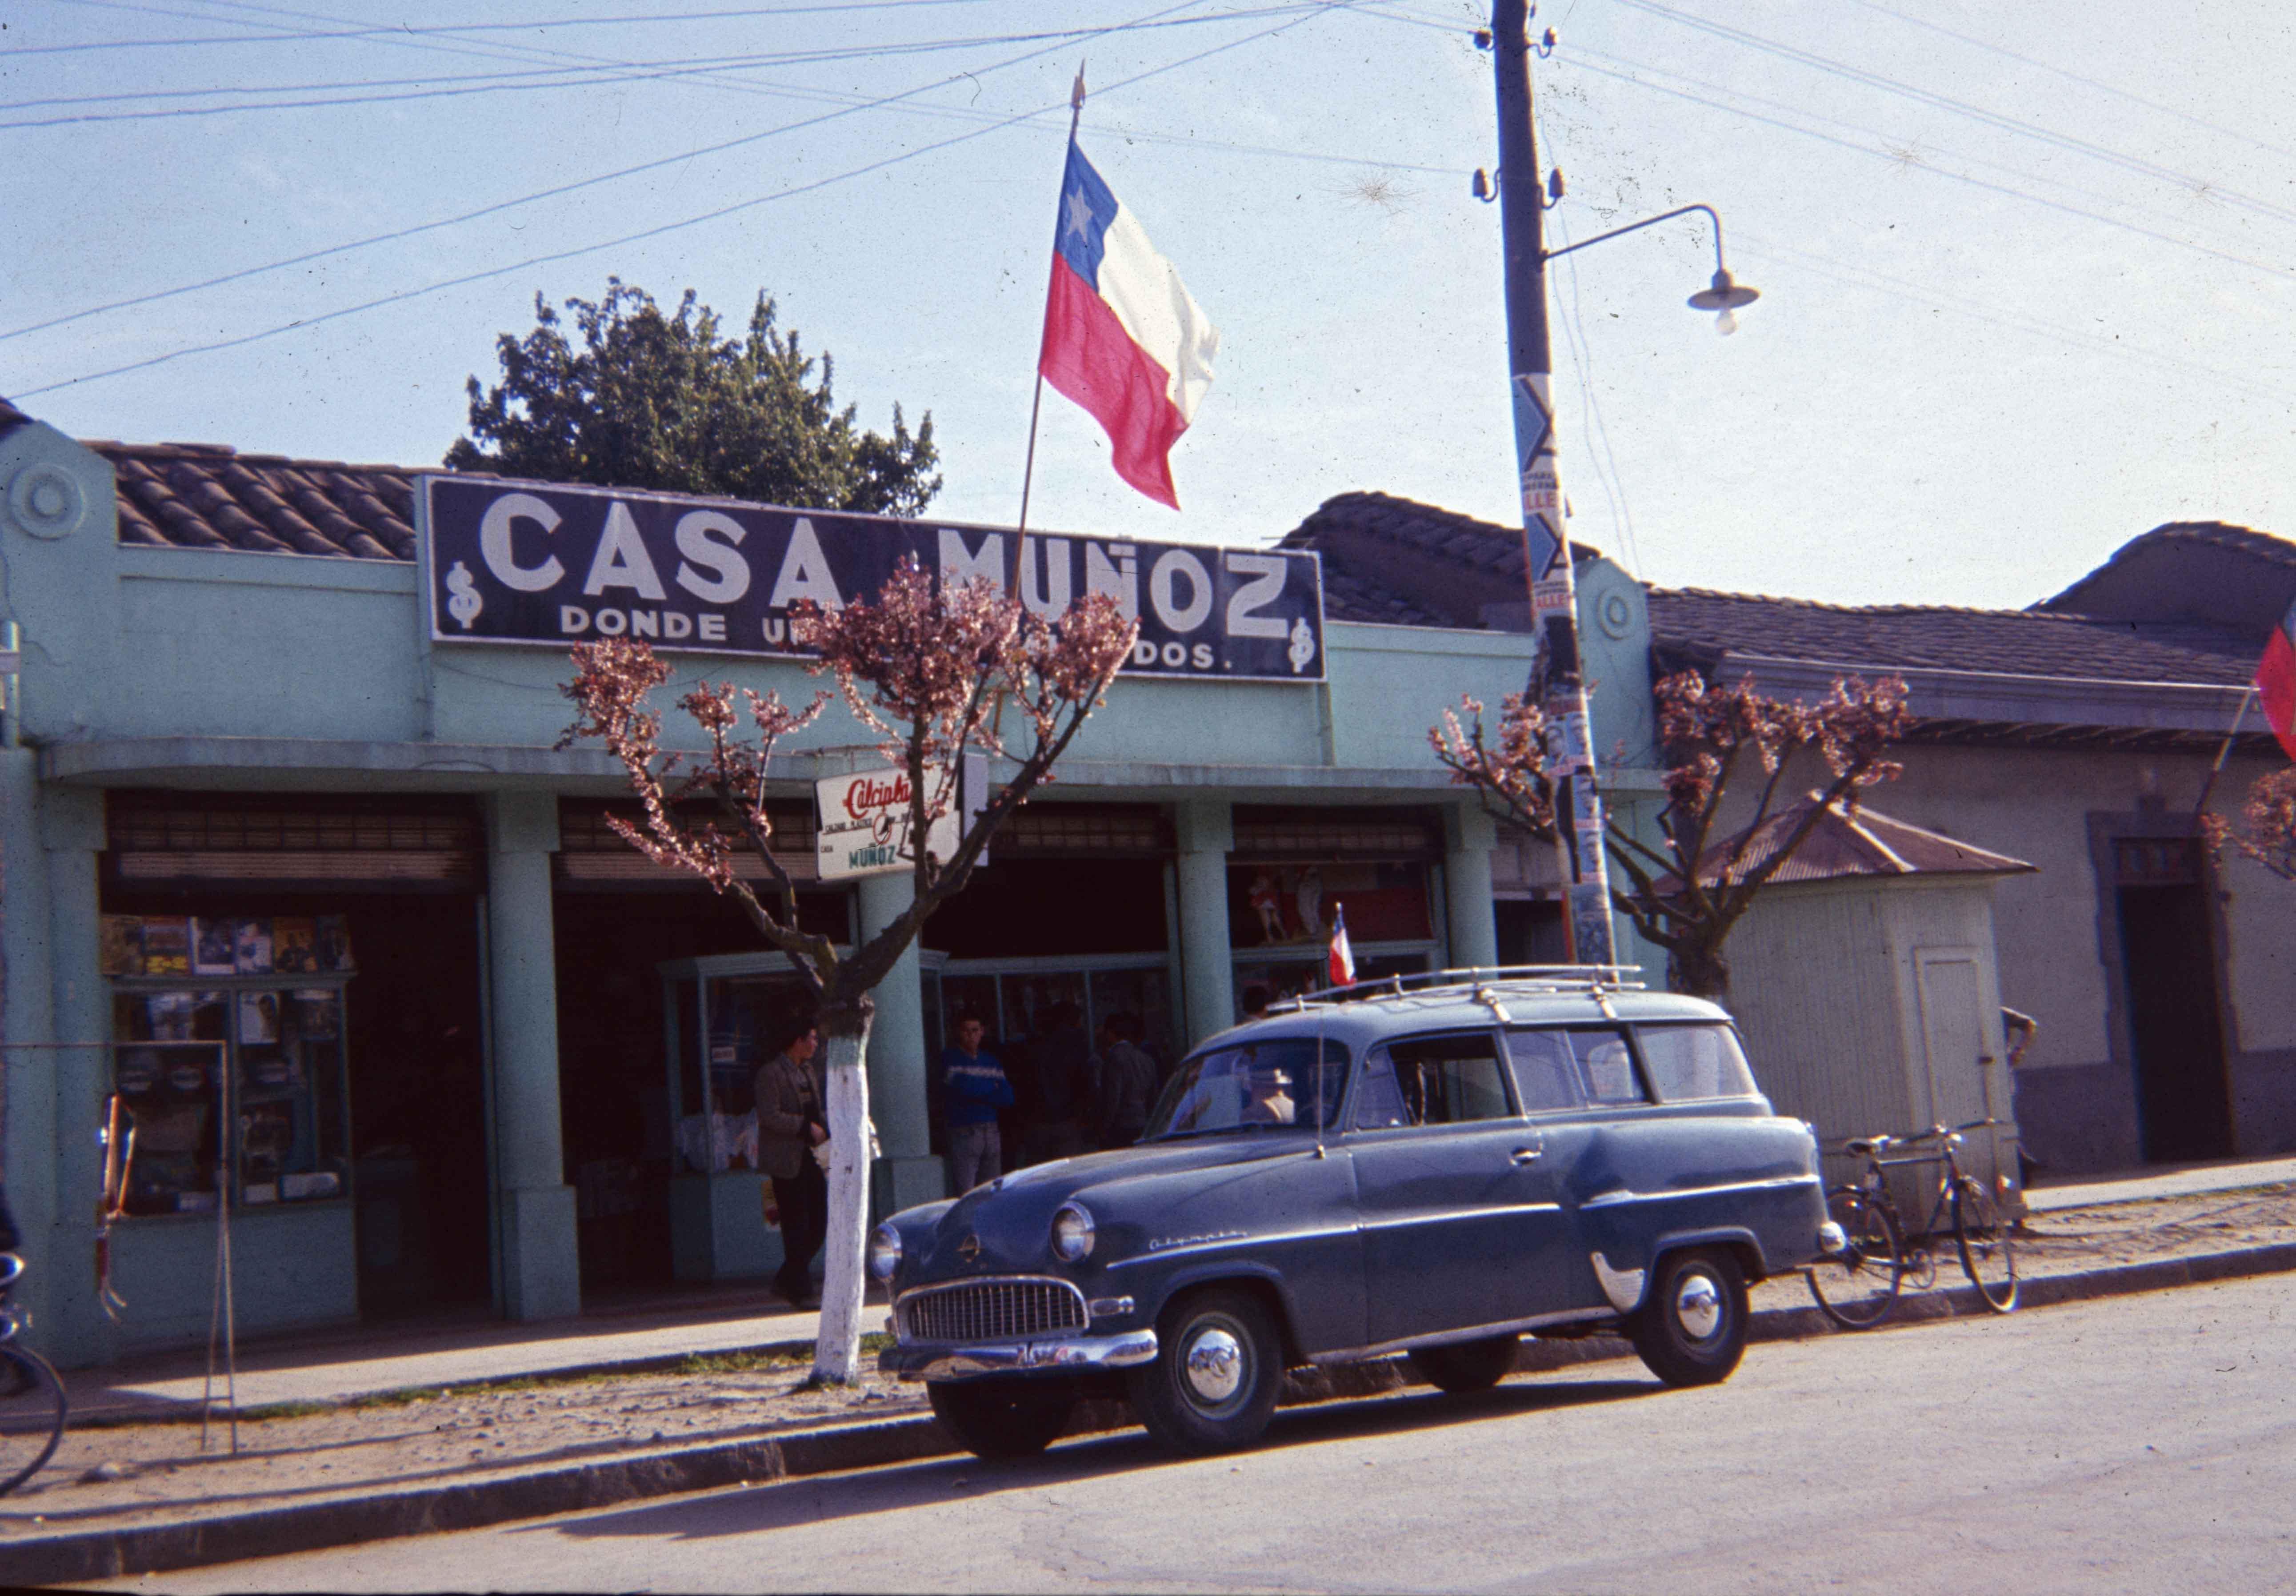 Enterreno - Fotos históricas de chile - fotos antiguas de Chile - Teno en los años 60